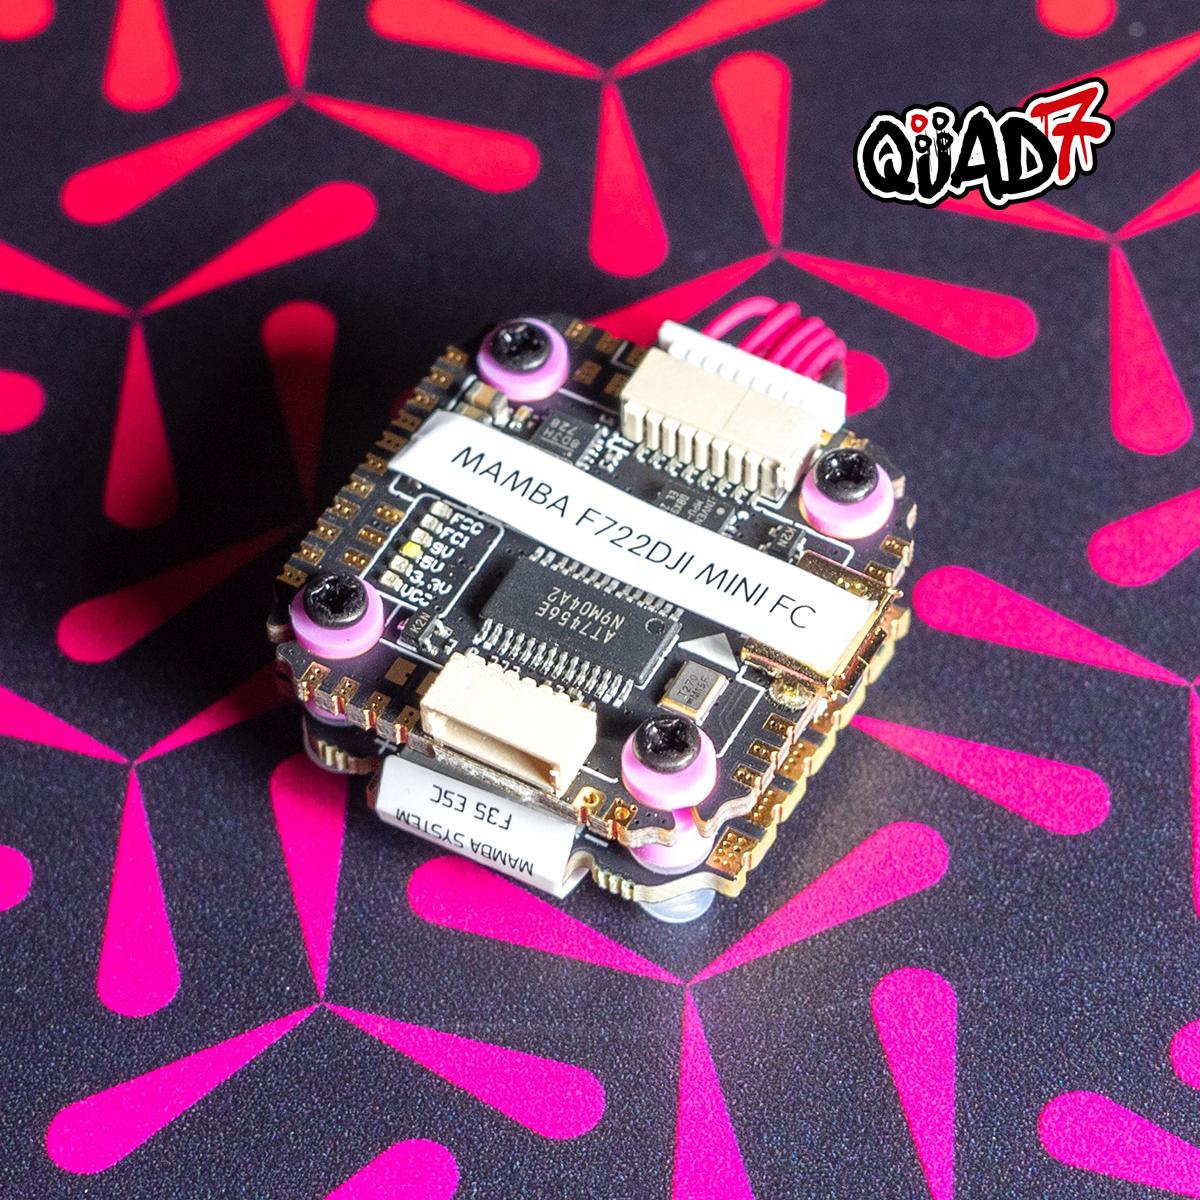 MAMBA F722 MINI MK2 Mini DJI F35 3-6S Flight Controller Stack